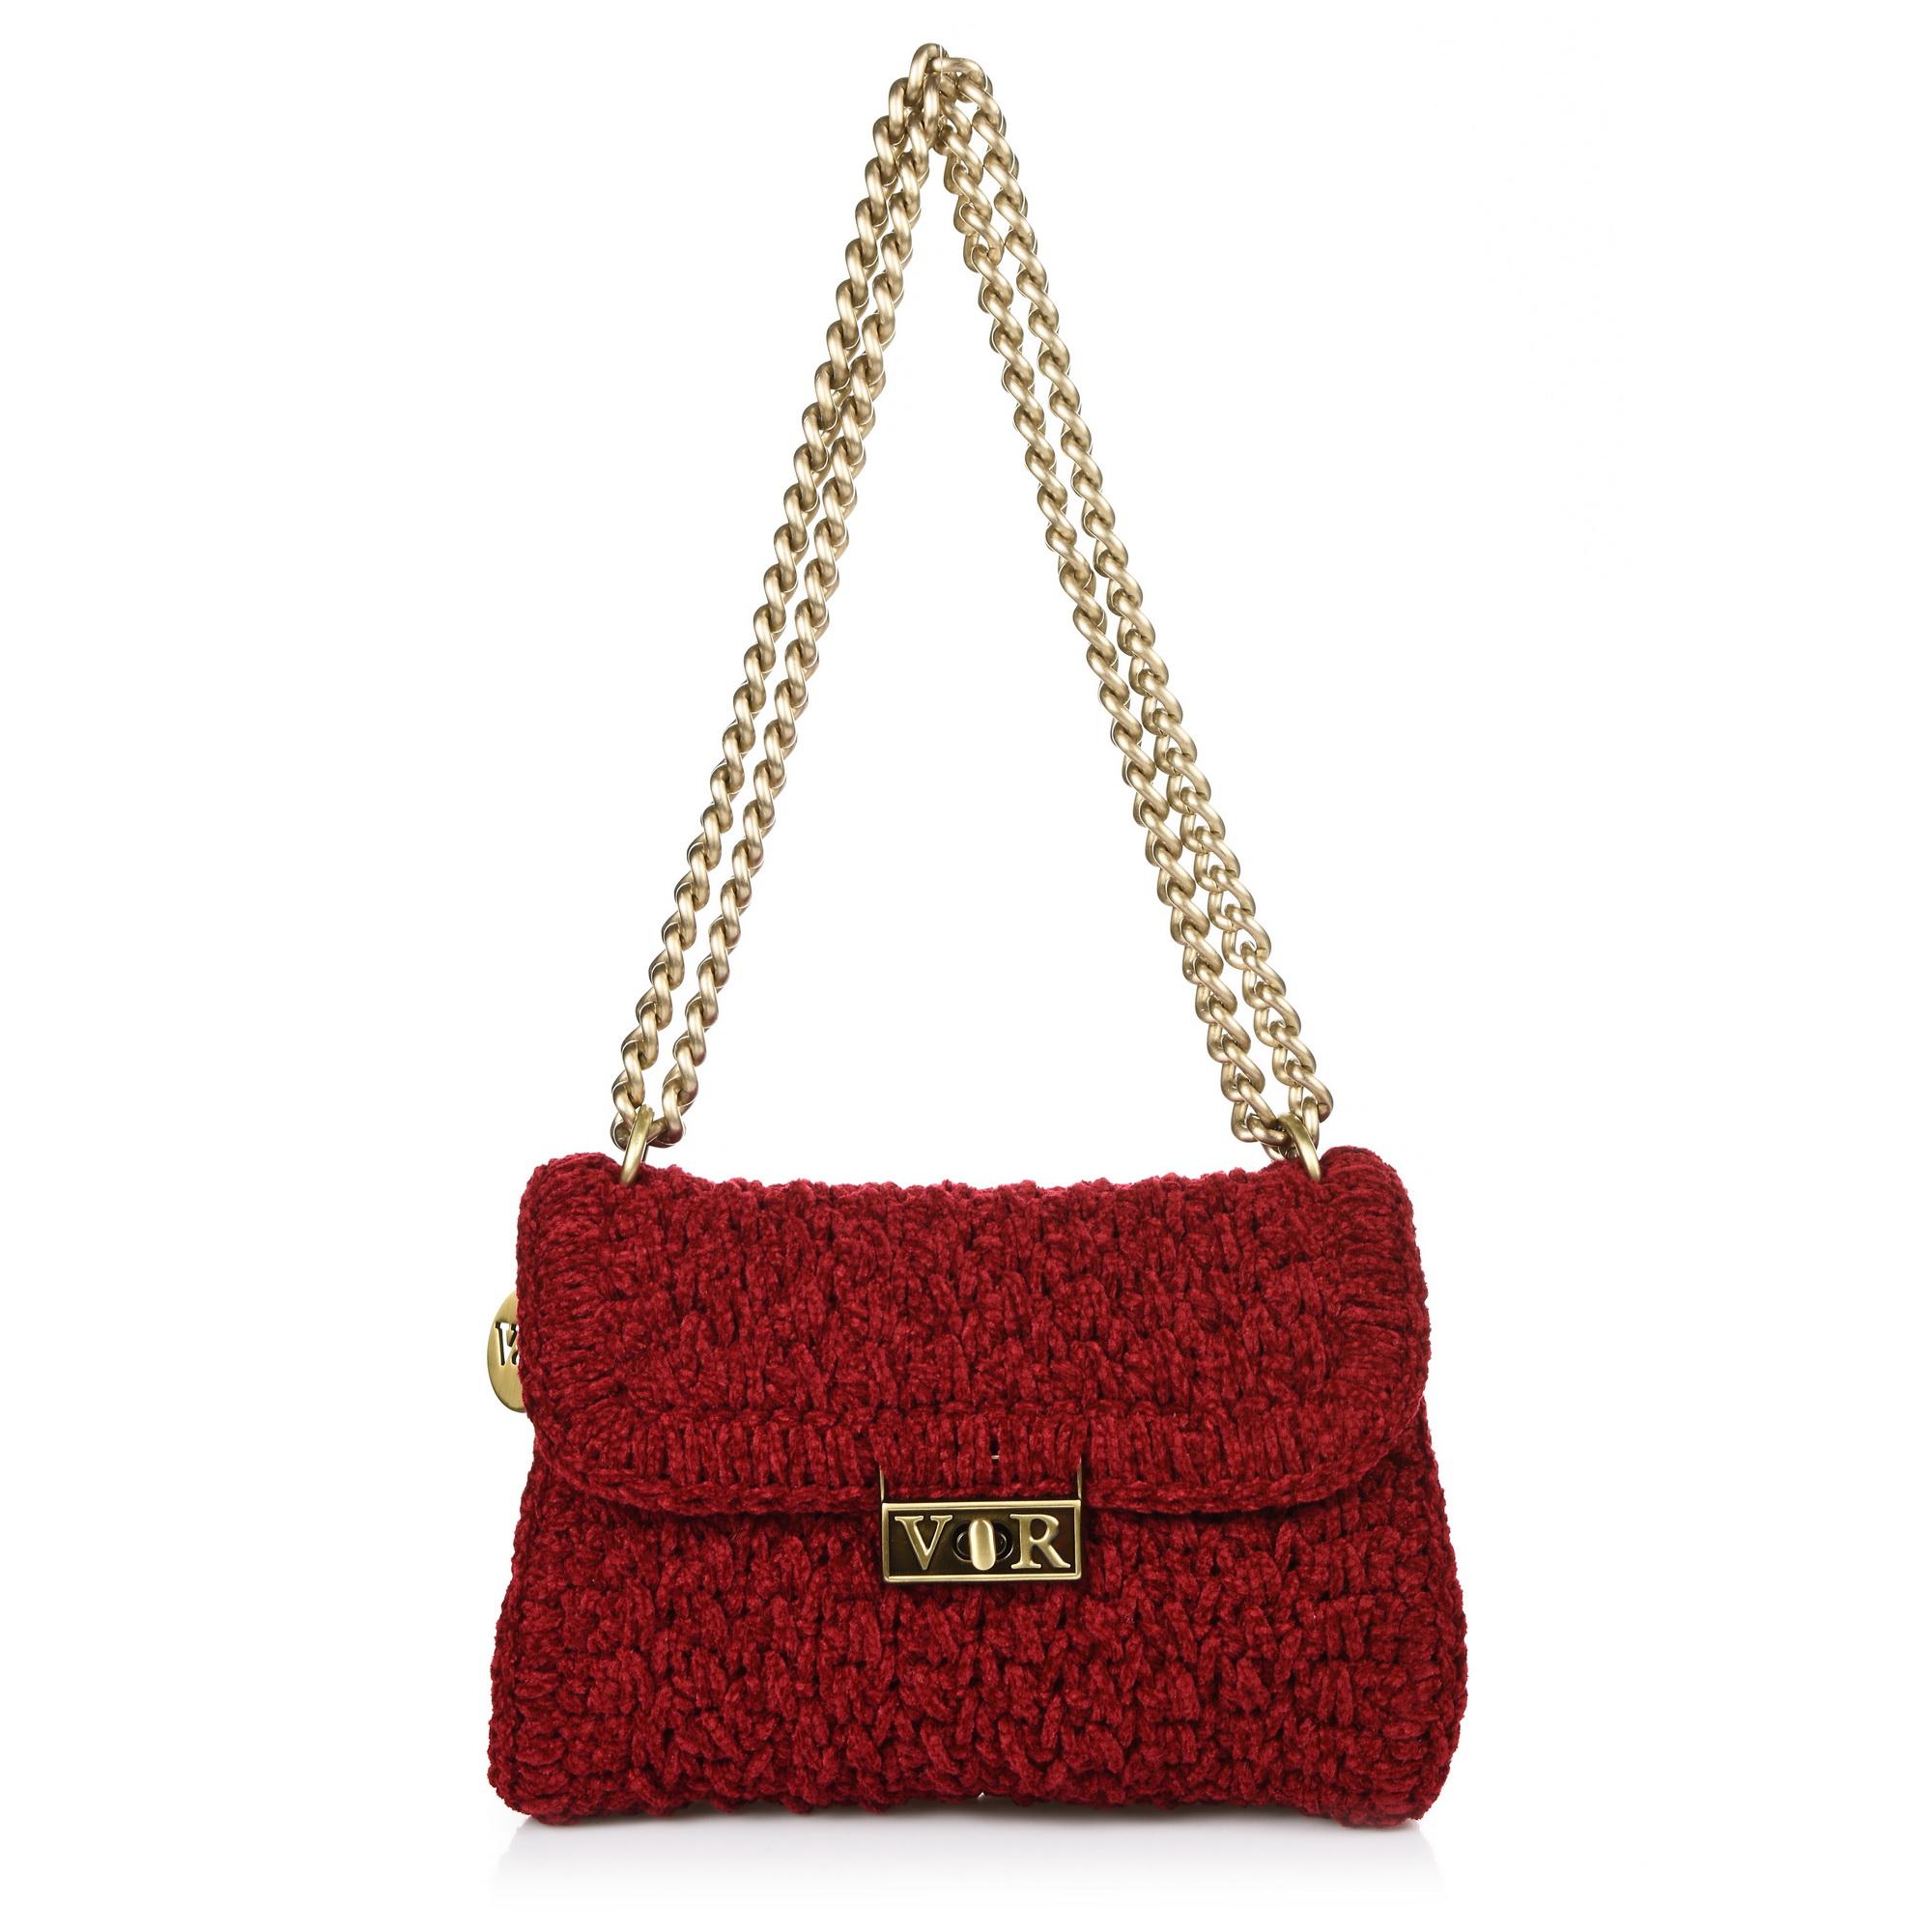 Χειροποίητη Πλεκτή Τσάντα Ώμου-Χιαστί V&R WV1380 γυναικα   γυναικεία τσάντα